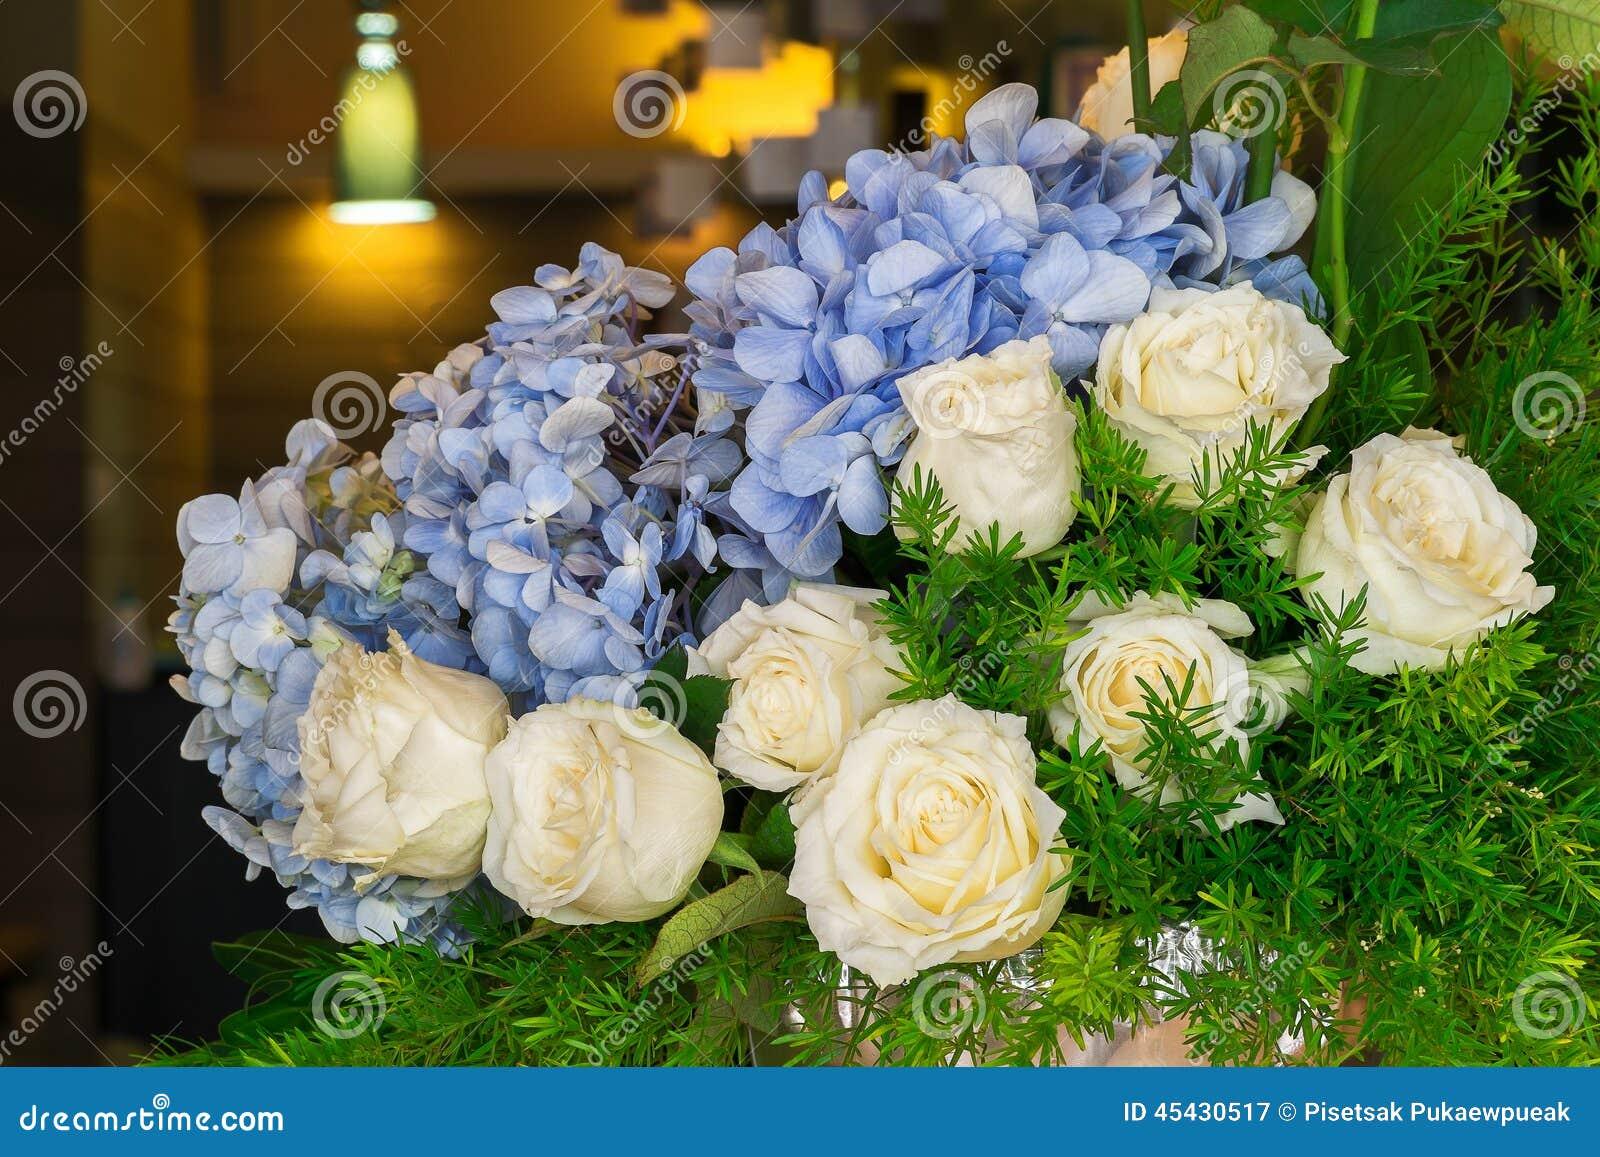 wei e rose und blaue hortensie stockfoto bild 45430517. Black Bedroom Furniture Sets. Home Design Ideas